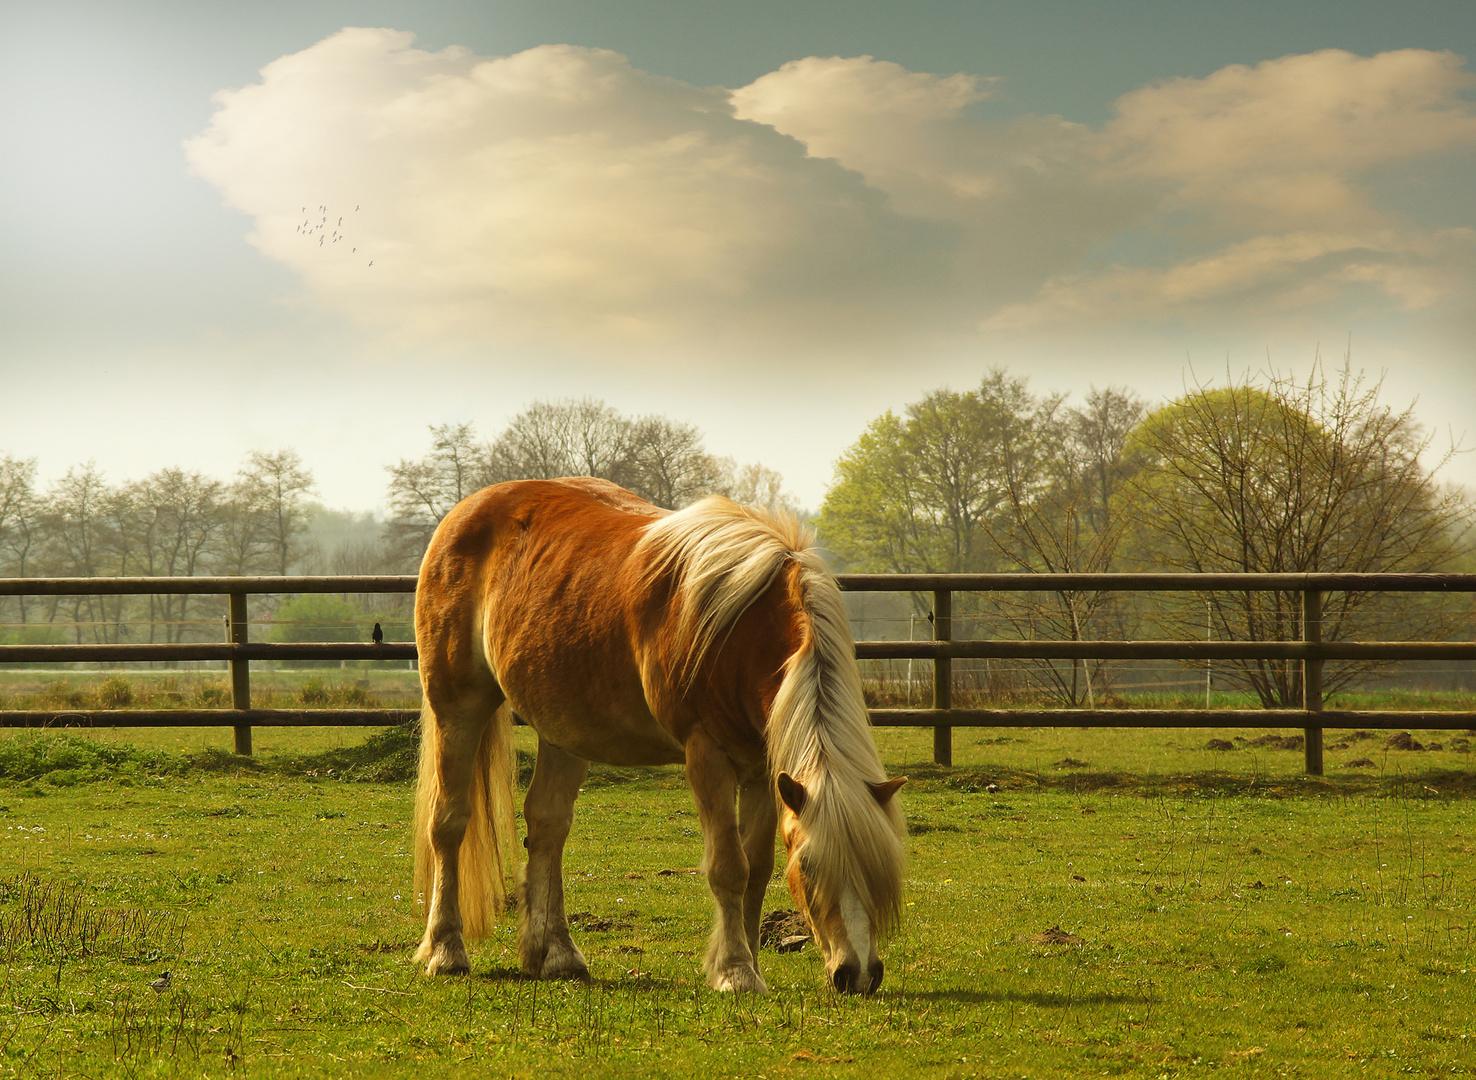 Das Pferdchen am Wegesrand